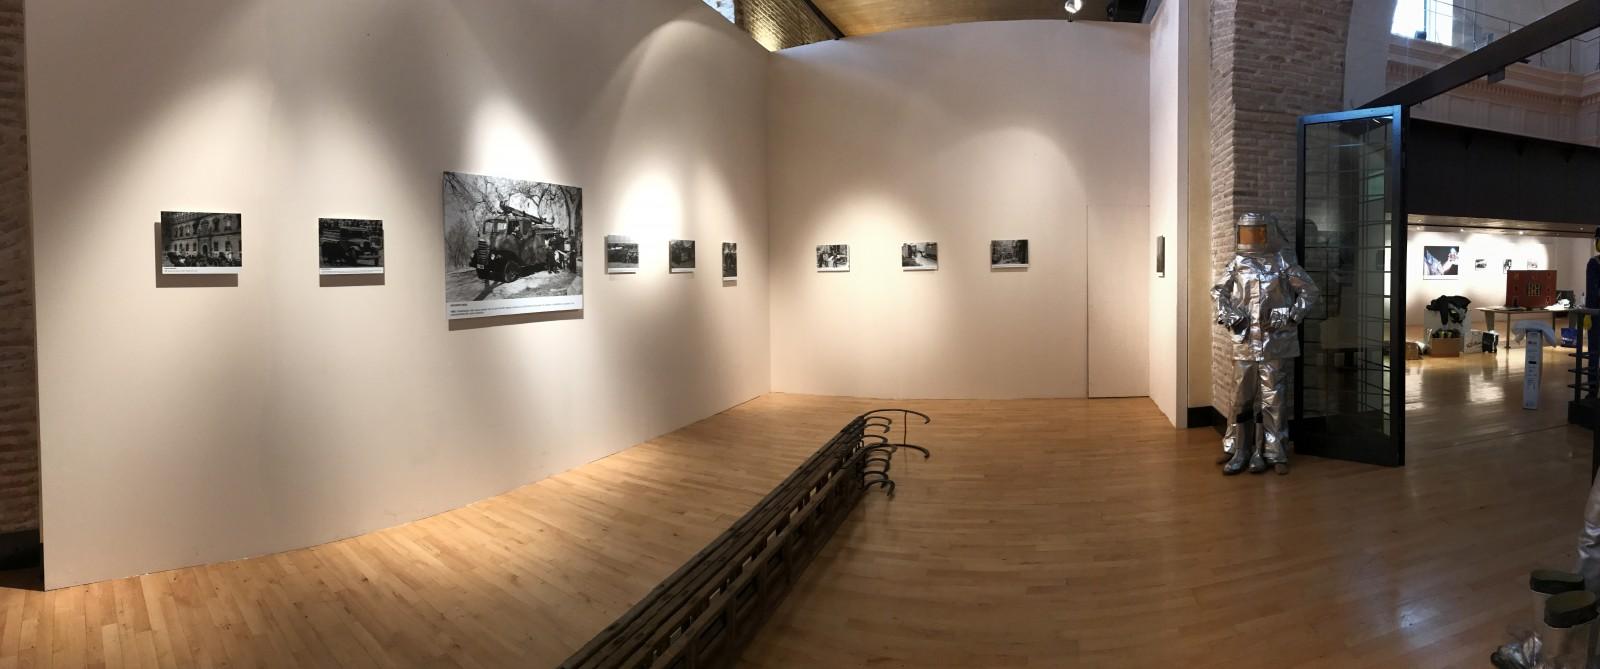 Montaje exposición 153 años Bomberos de Toledo30 años Pablo Carrasco (45)